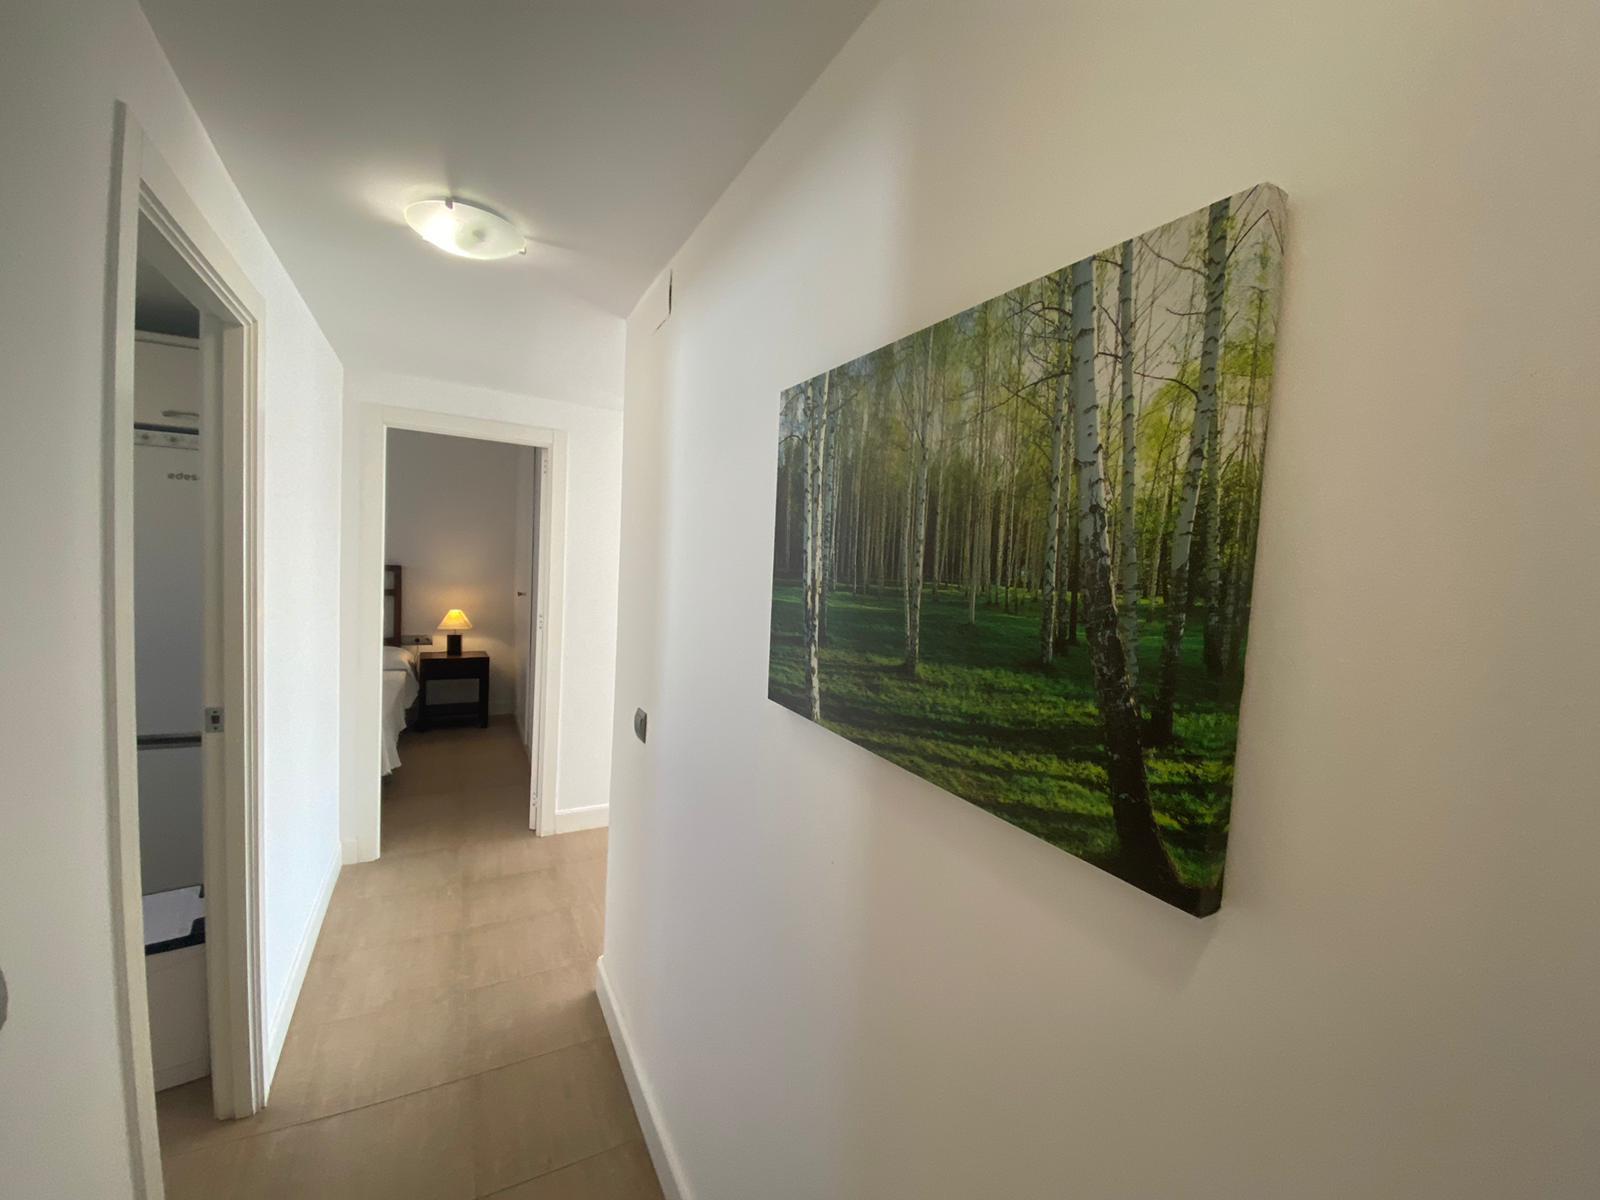 Imagen 13 del Apartamento Turístico, Ático 1 Levante (3d+2b), Punta del Moral (HUELVA), Paseo de la Cruz nº22